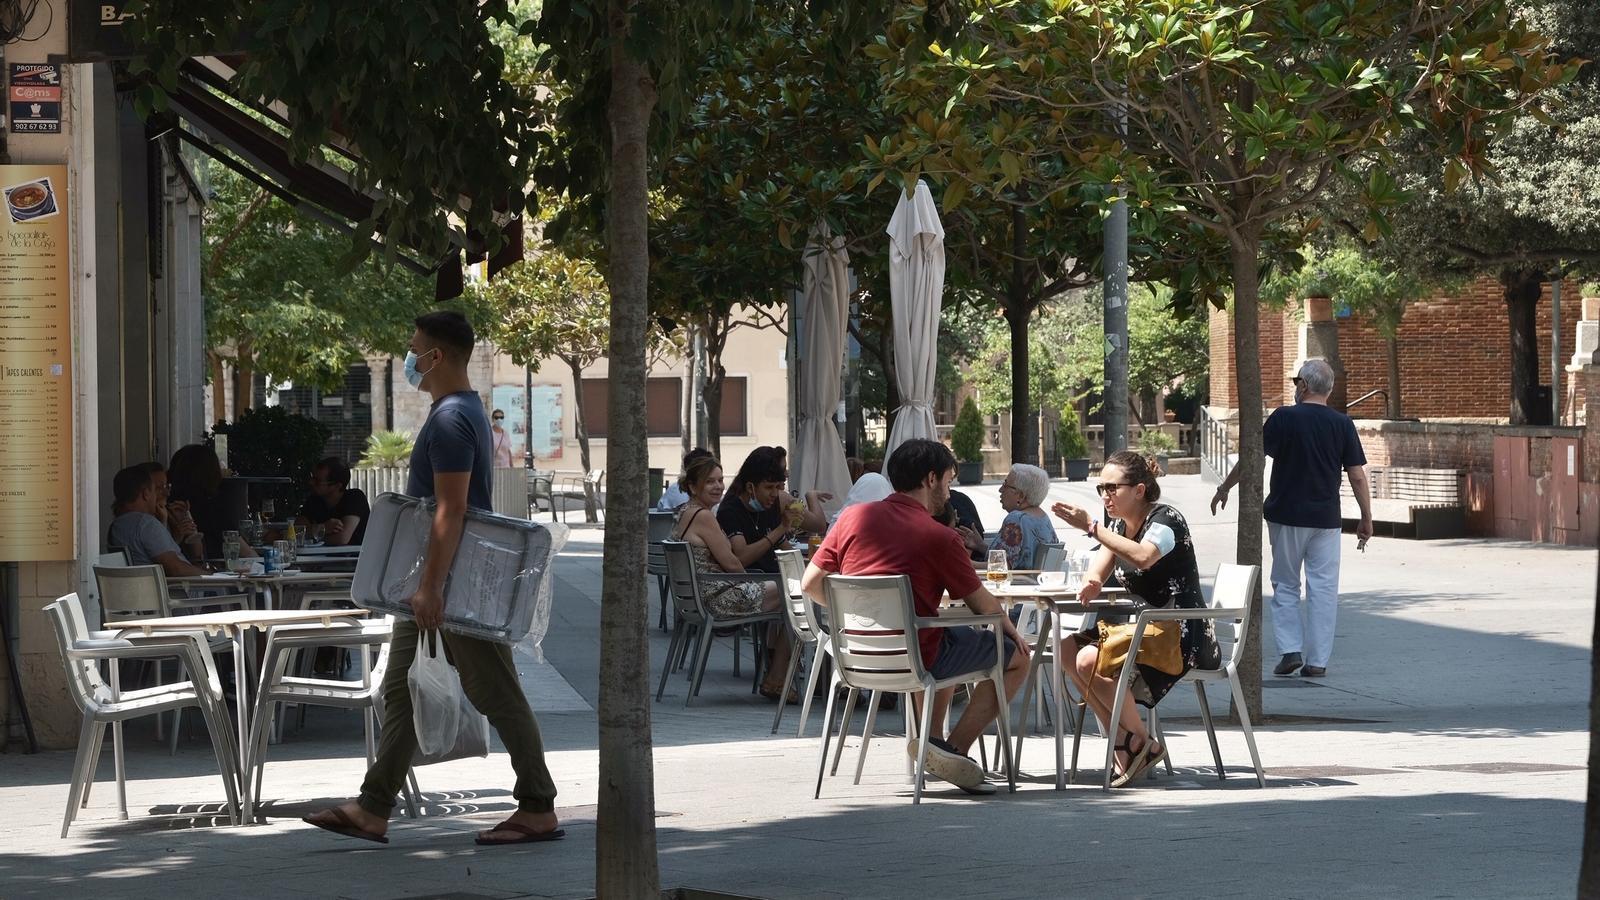 Un home amb mascareta passa per davant de la terrassa d'un bar a Cornellà de Llobregat.